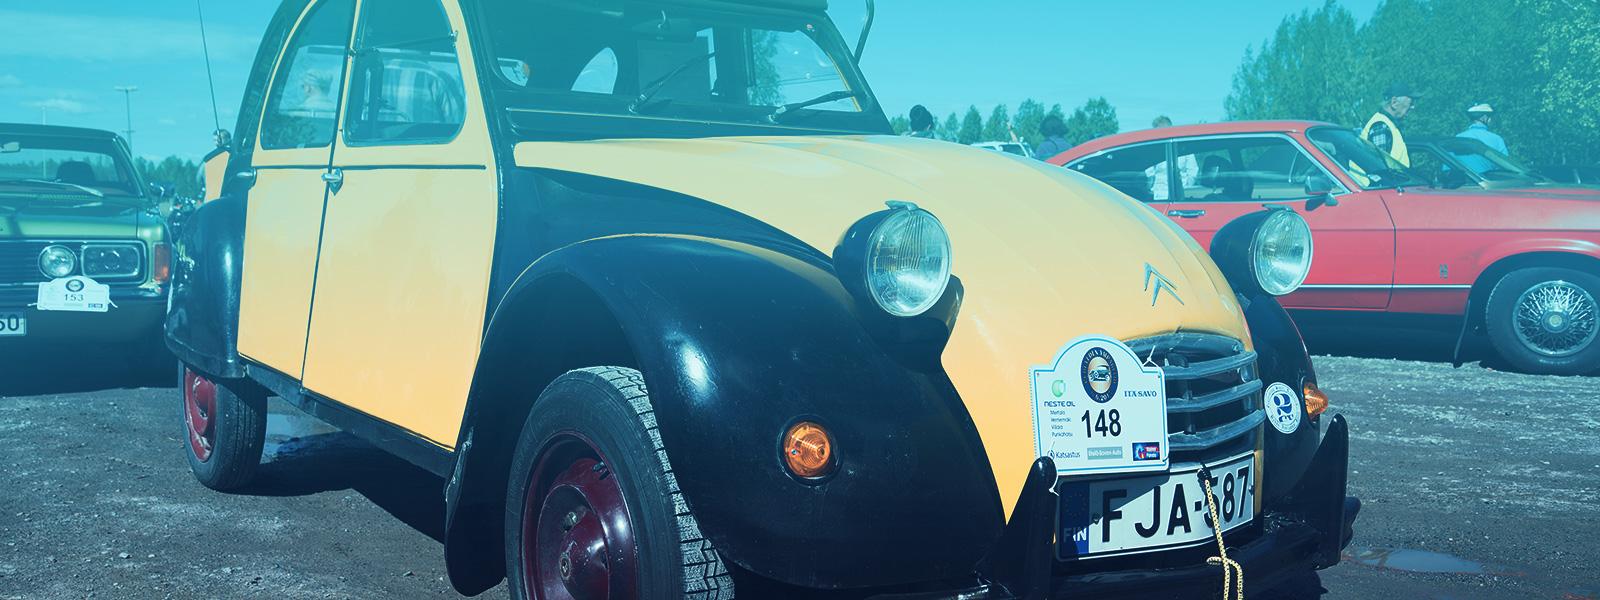 estranhos-historia-blog-ceabs-carros-mais